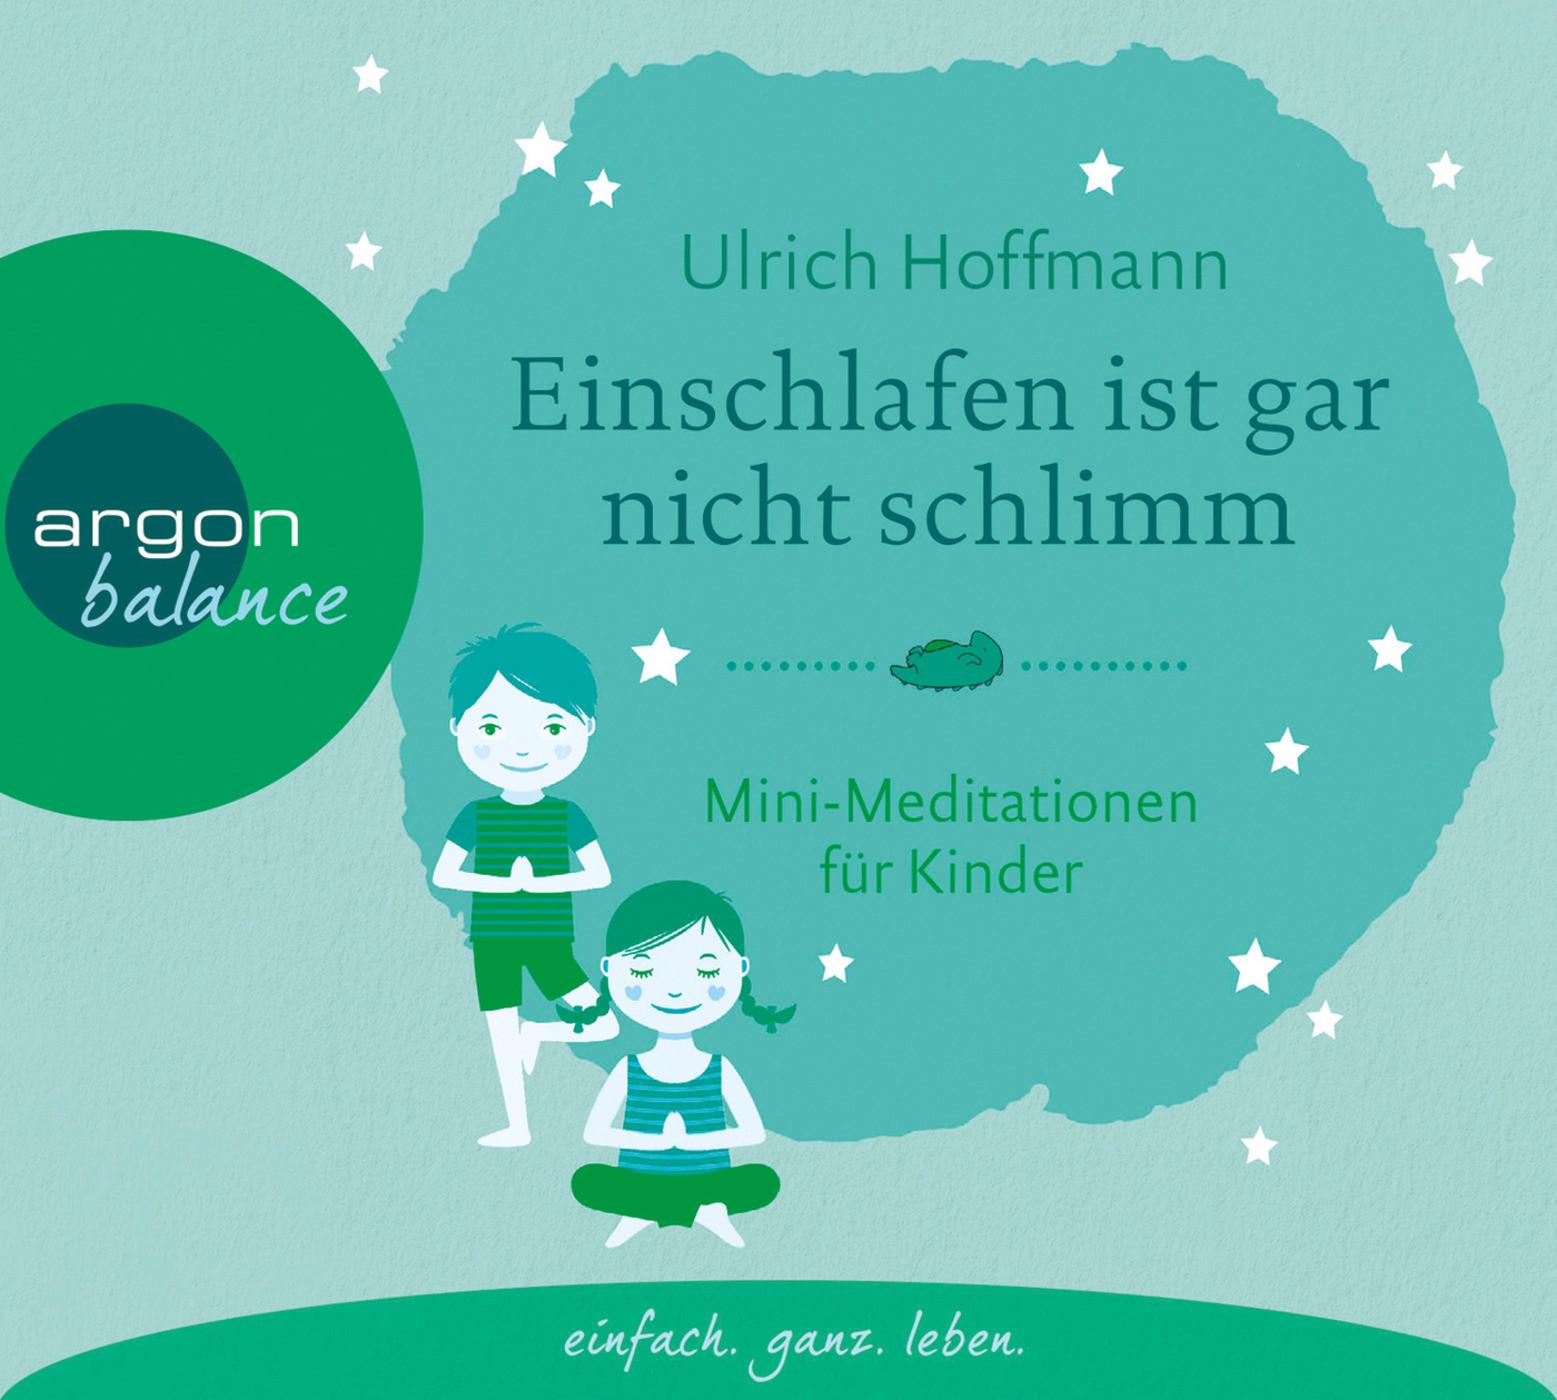 Ulrich Hoffmann - Einschlafen ist gar nicht schlimm: Mini-Meditationen für Kinder